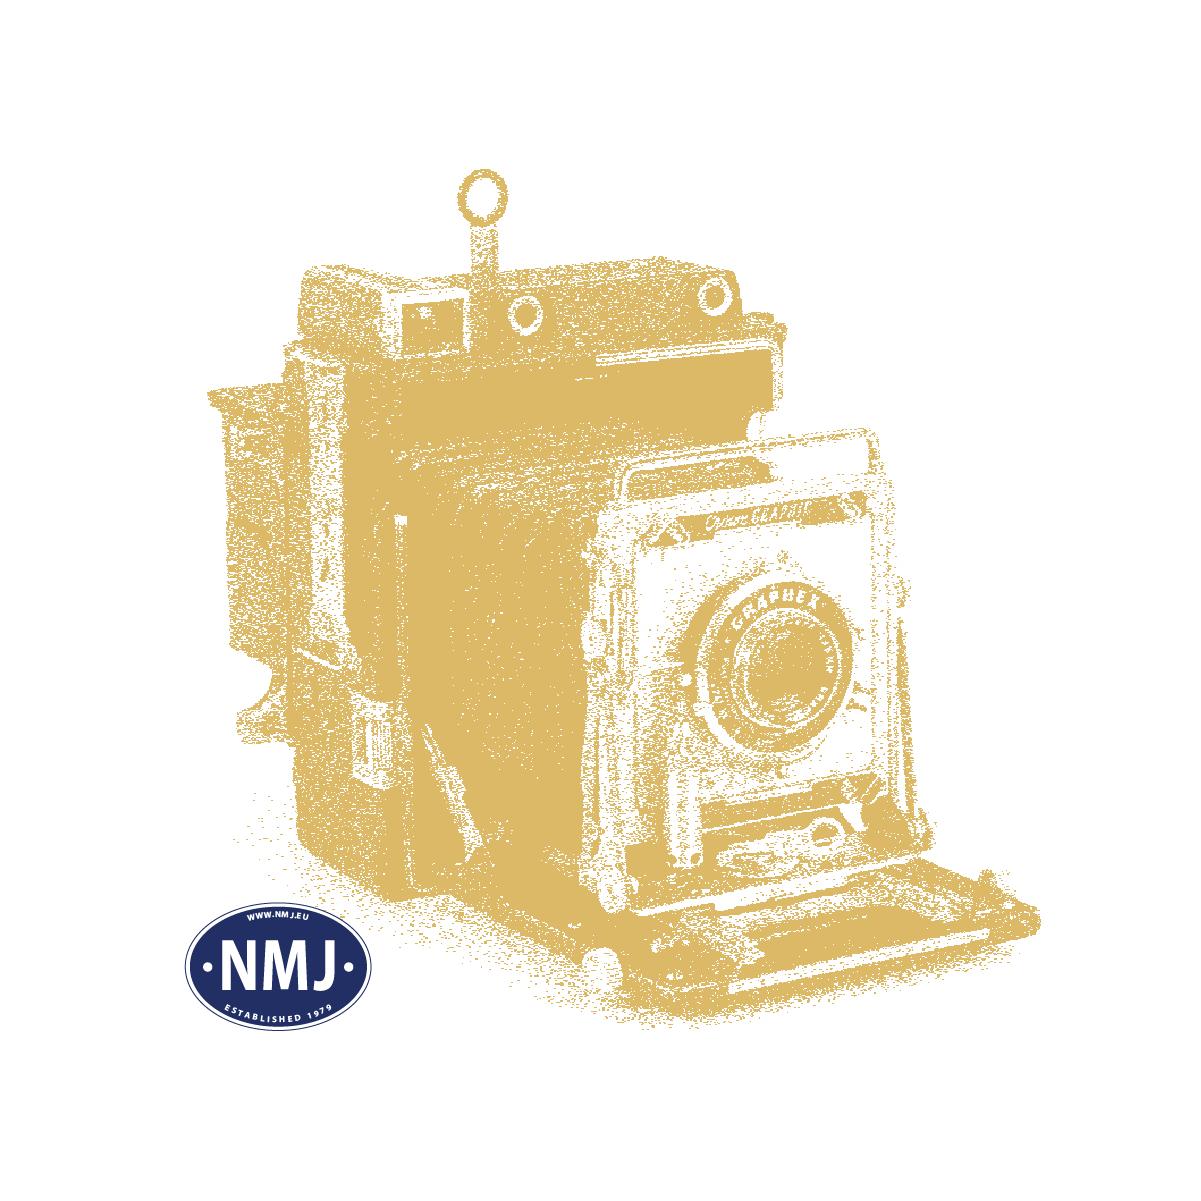 NMJT204.003 - NMJ Topline SJ Bo1K 4920, 2 kl. Personvogn, rund SJ logo, før 1970